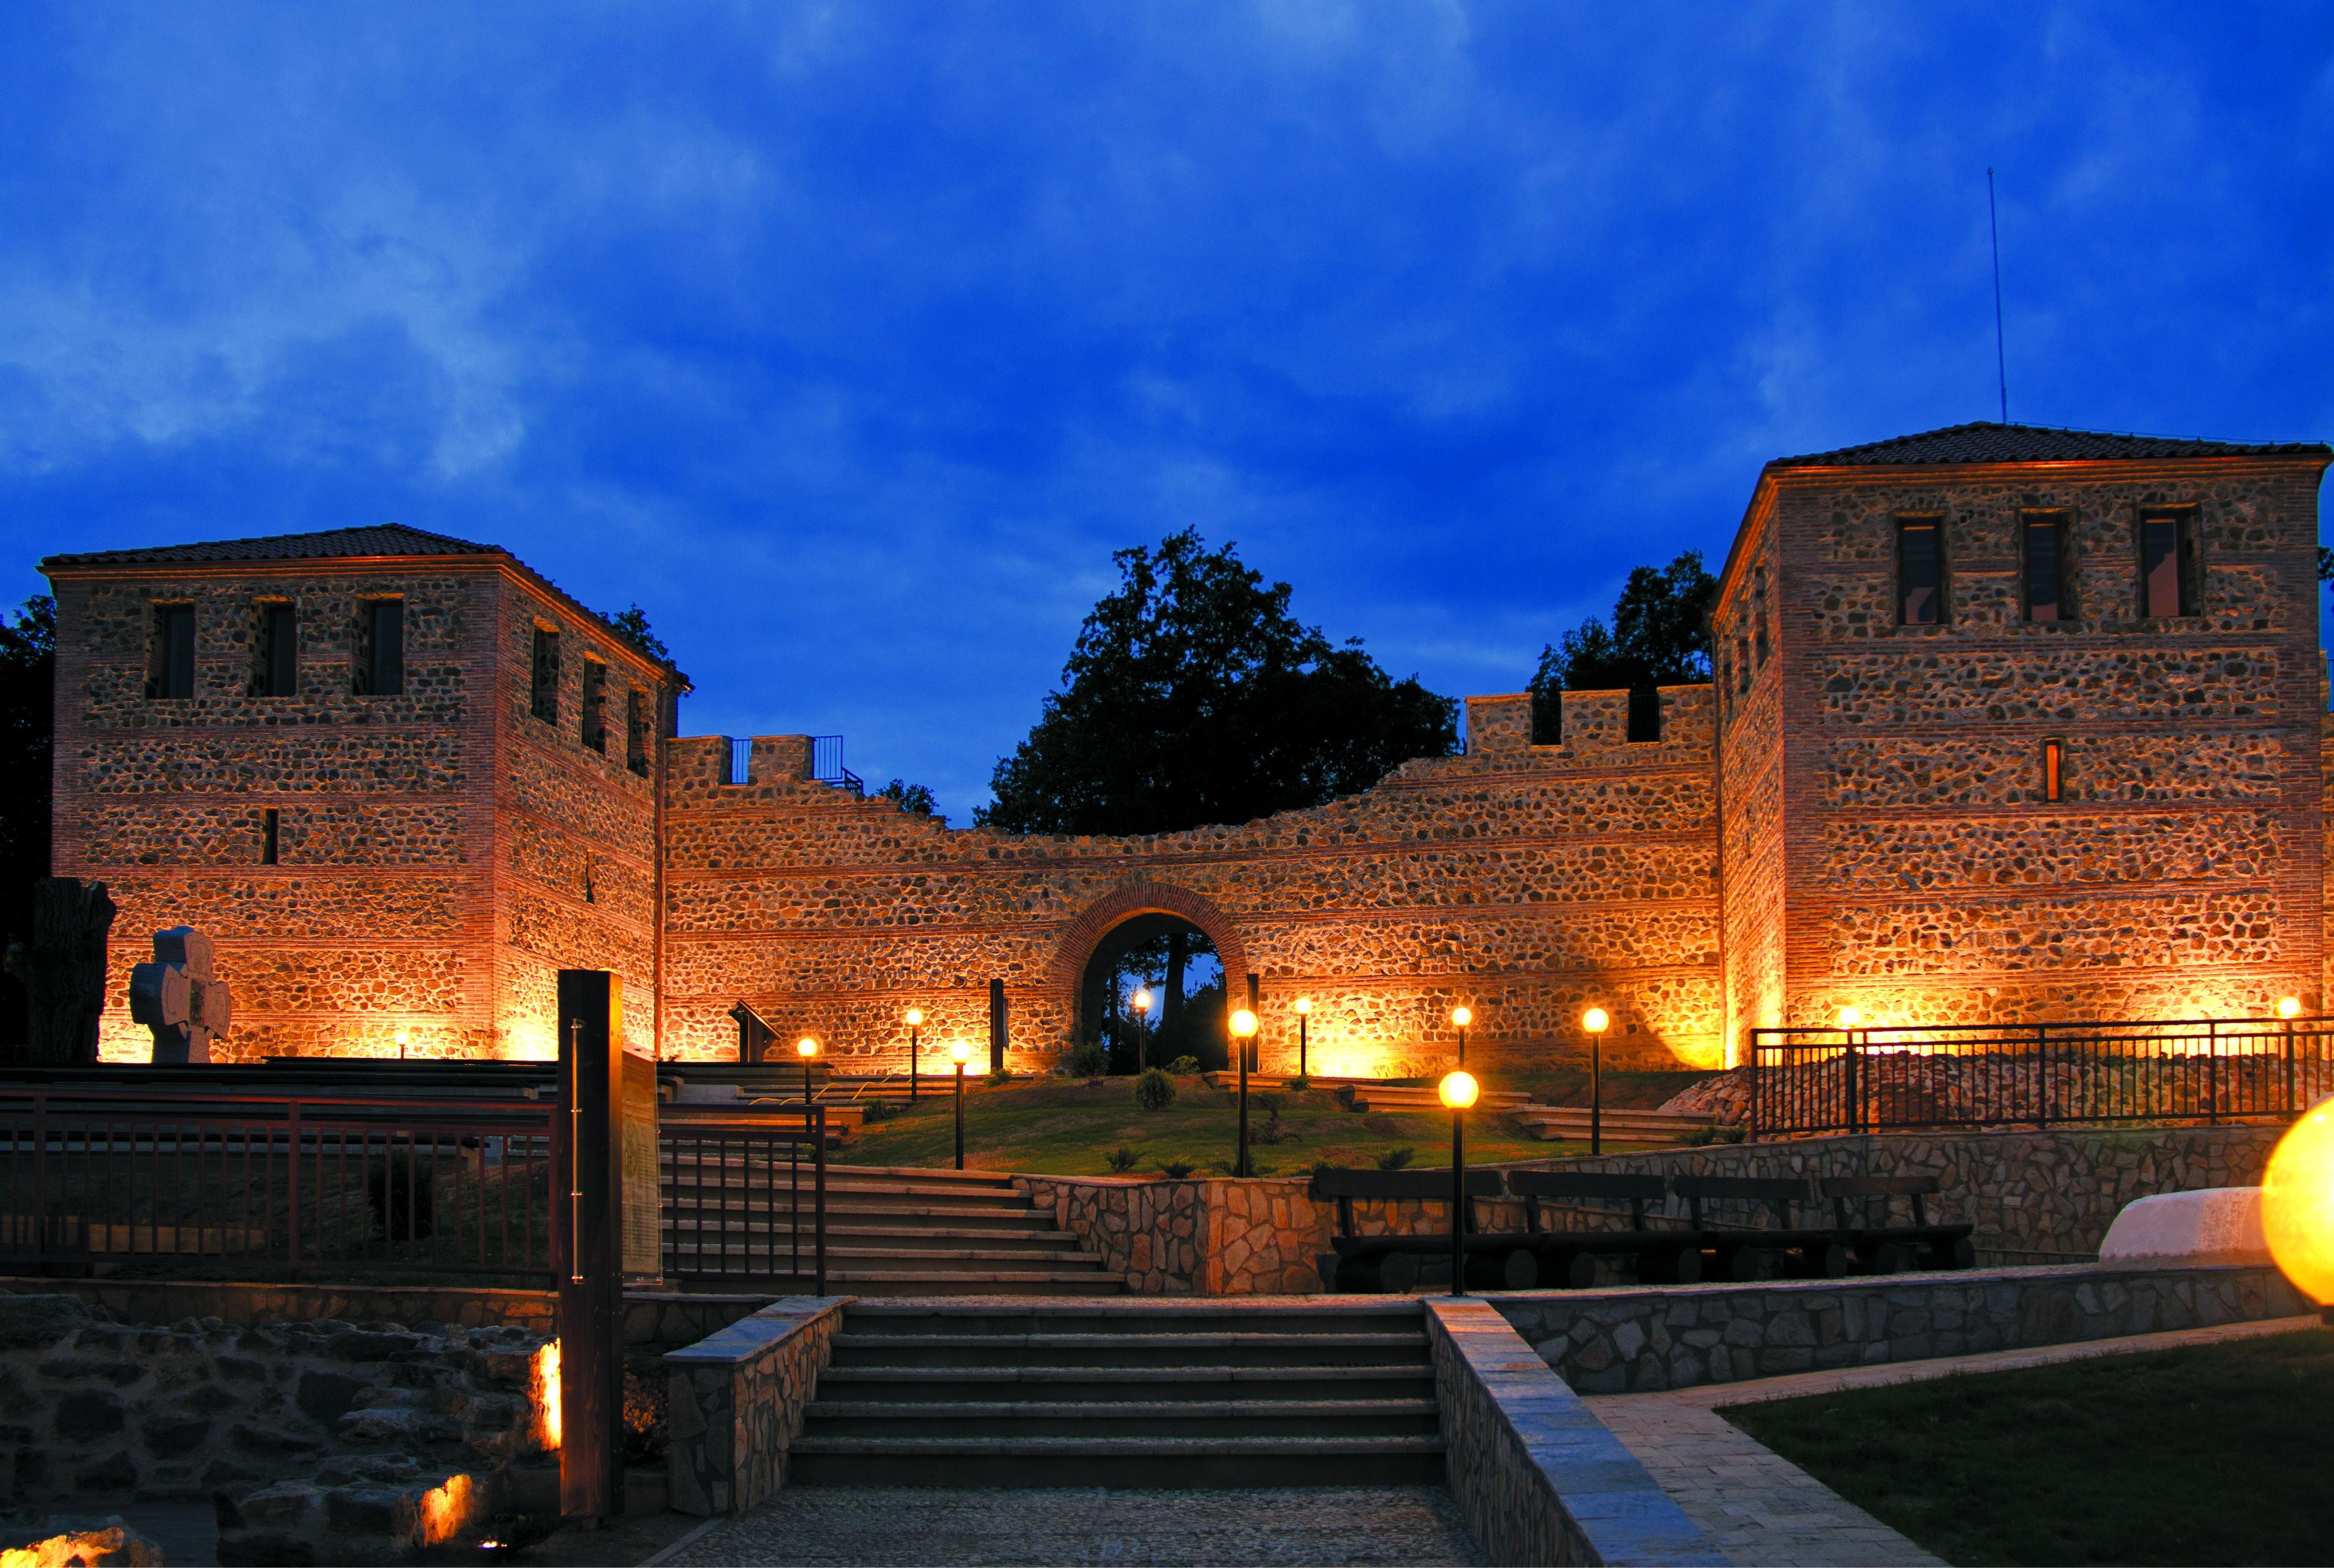 MAMMA MIA! /The Tsari Mali Grad fortress